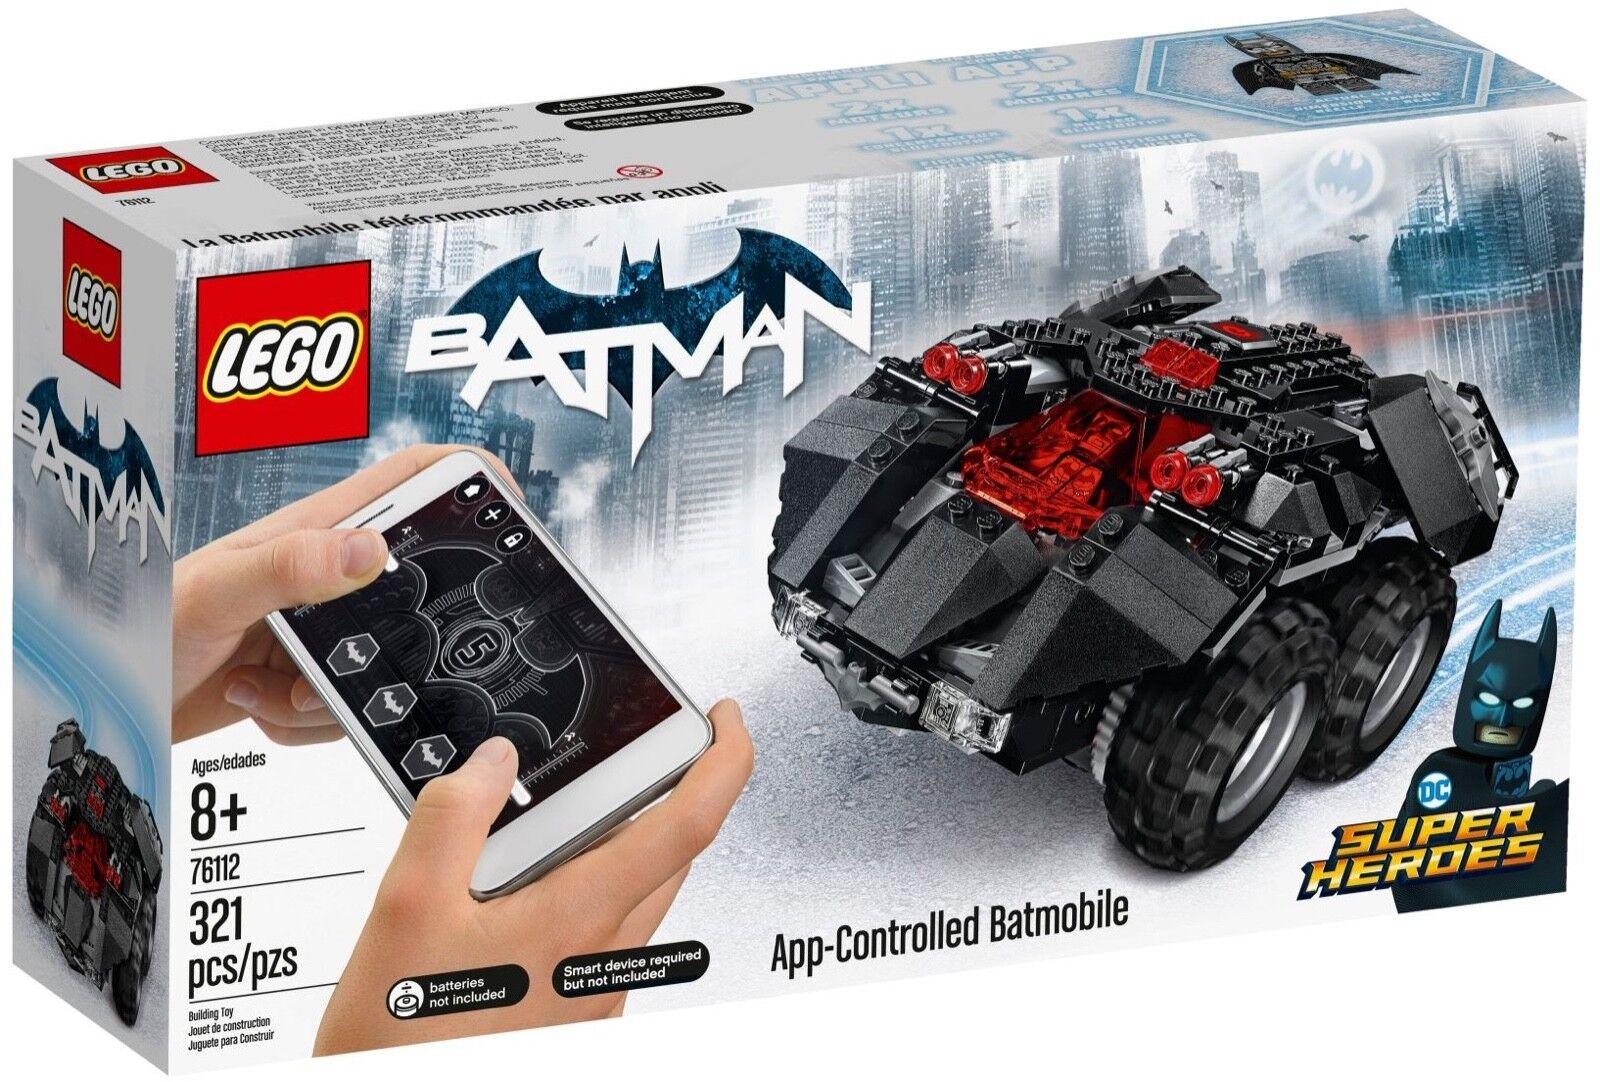 Lego ® Dc Dc Dc Super Heroes-APP-controlado Batimóvil 76112 321 piezas  Envío Gratuito   tienda en linea